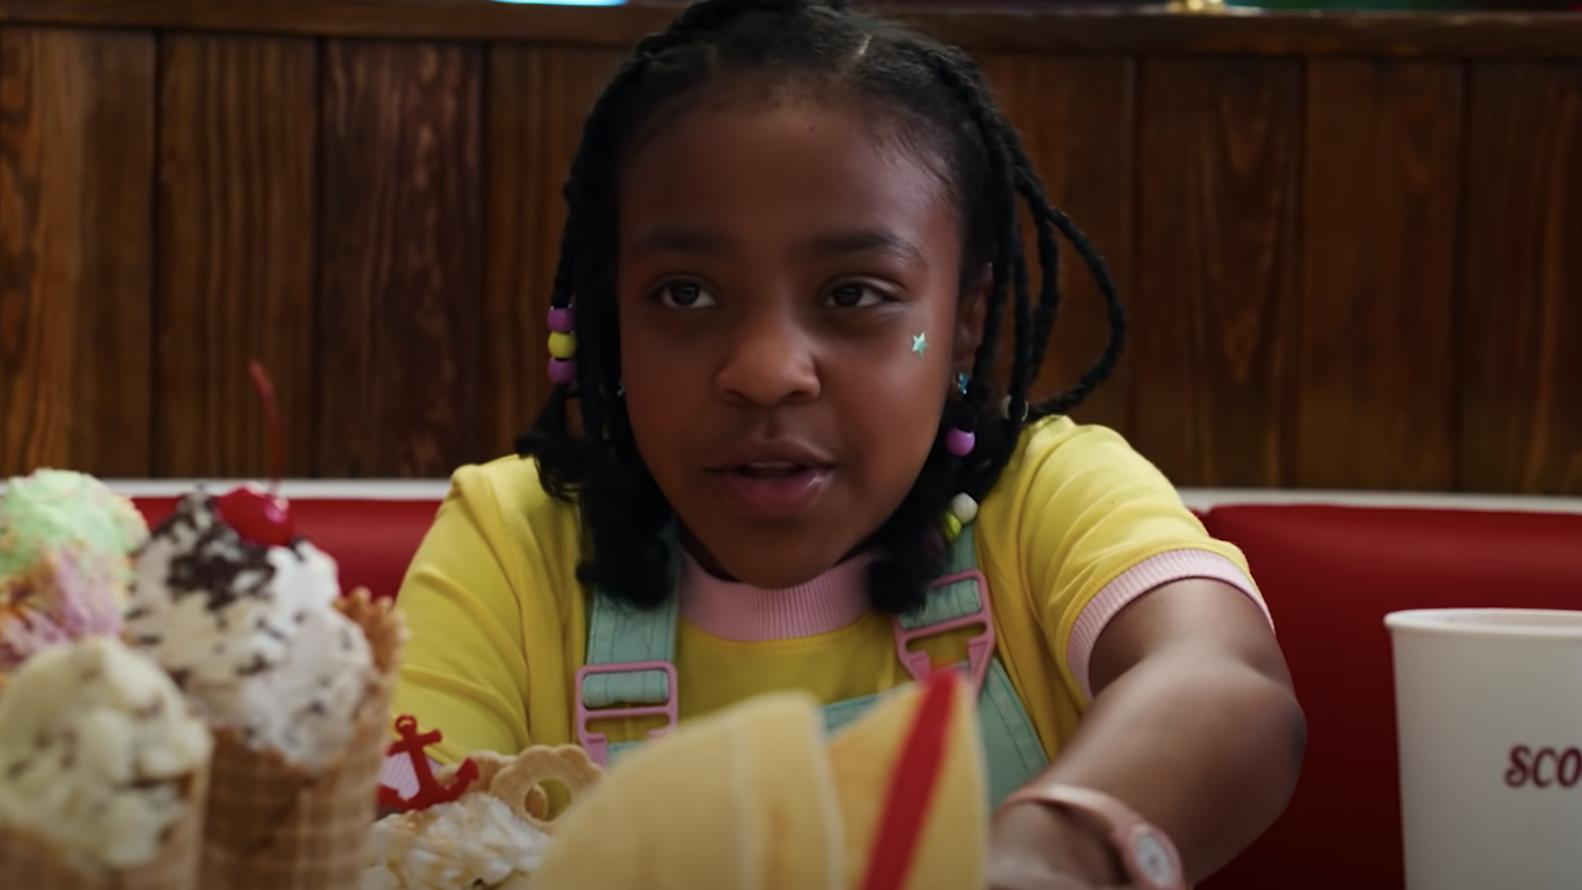 Erica sitting next to multiple ice cream cones